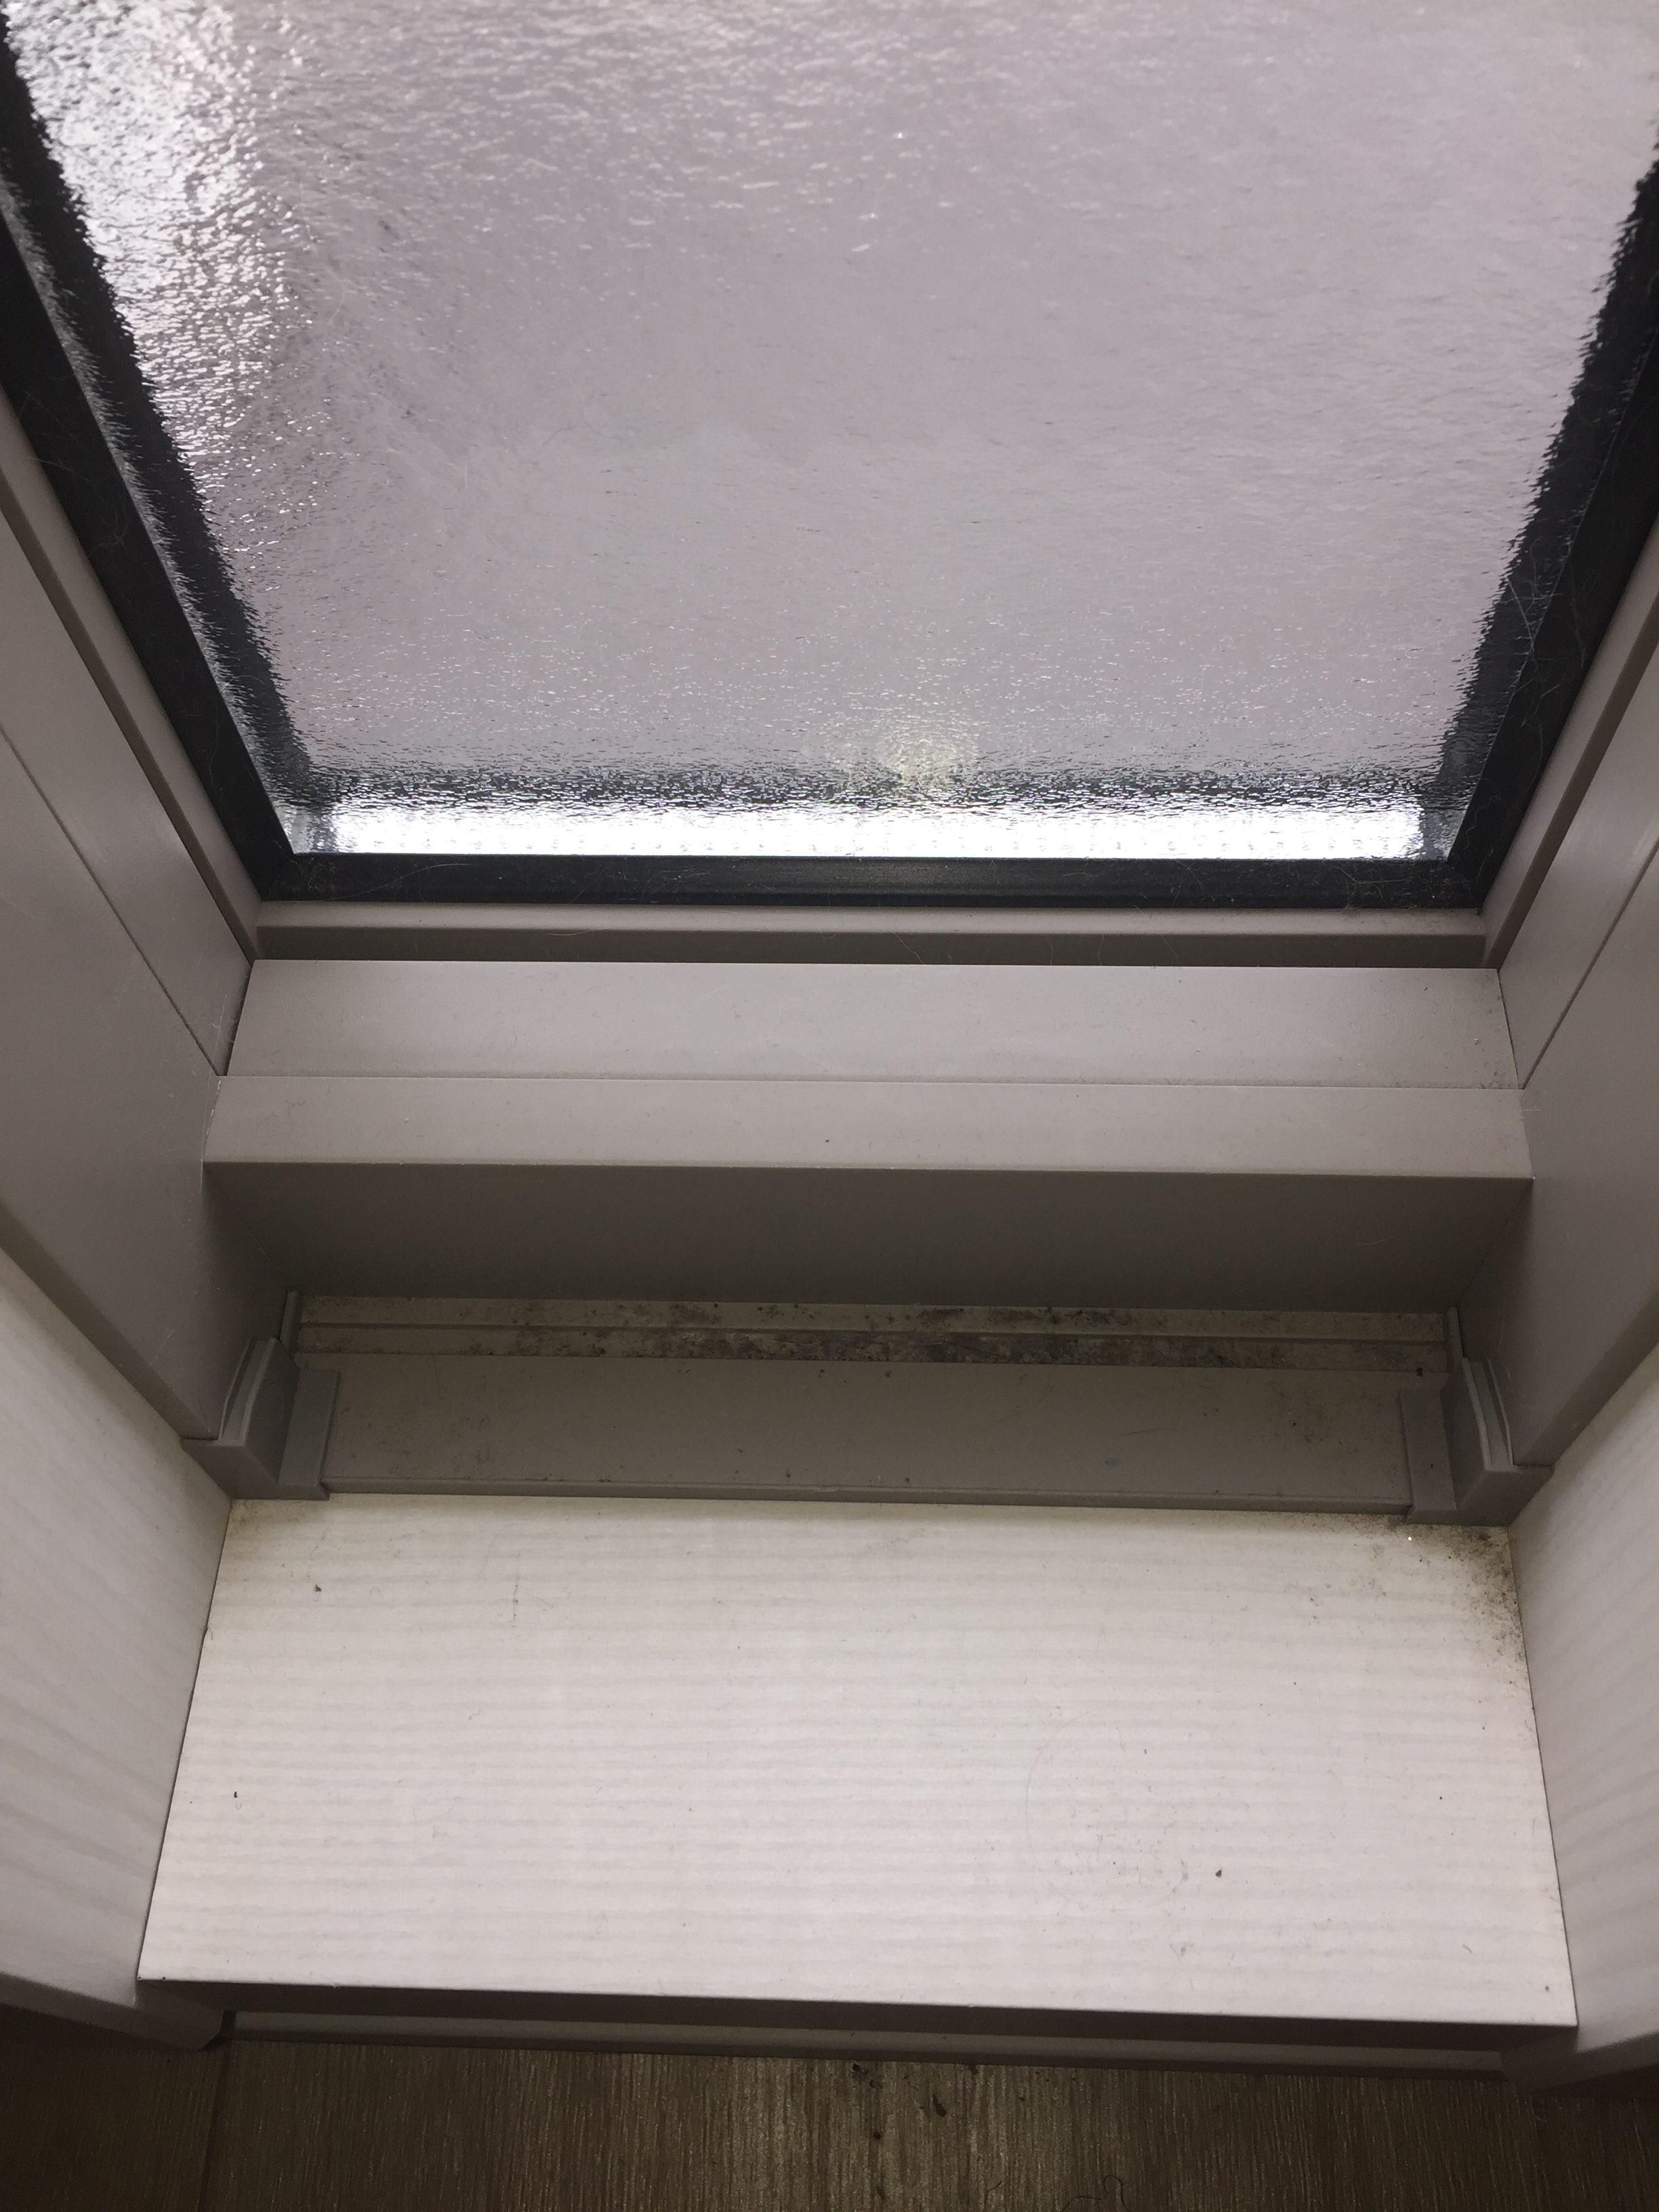 おそうじプラス小窓もすっきり綺麗 住まいの日常的な掃除 ハウスクリーニング おそうじプラス ご相談・お見積は無料です!お気軽にお問合せ下さい!